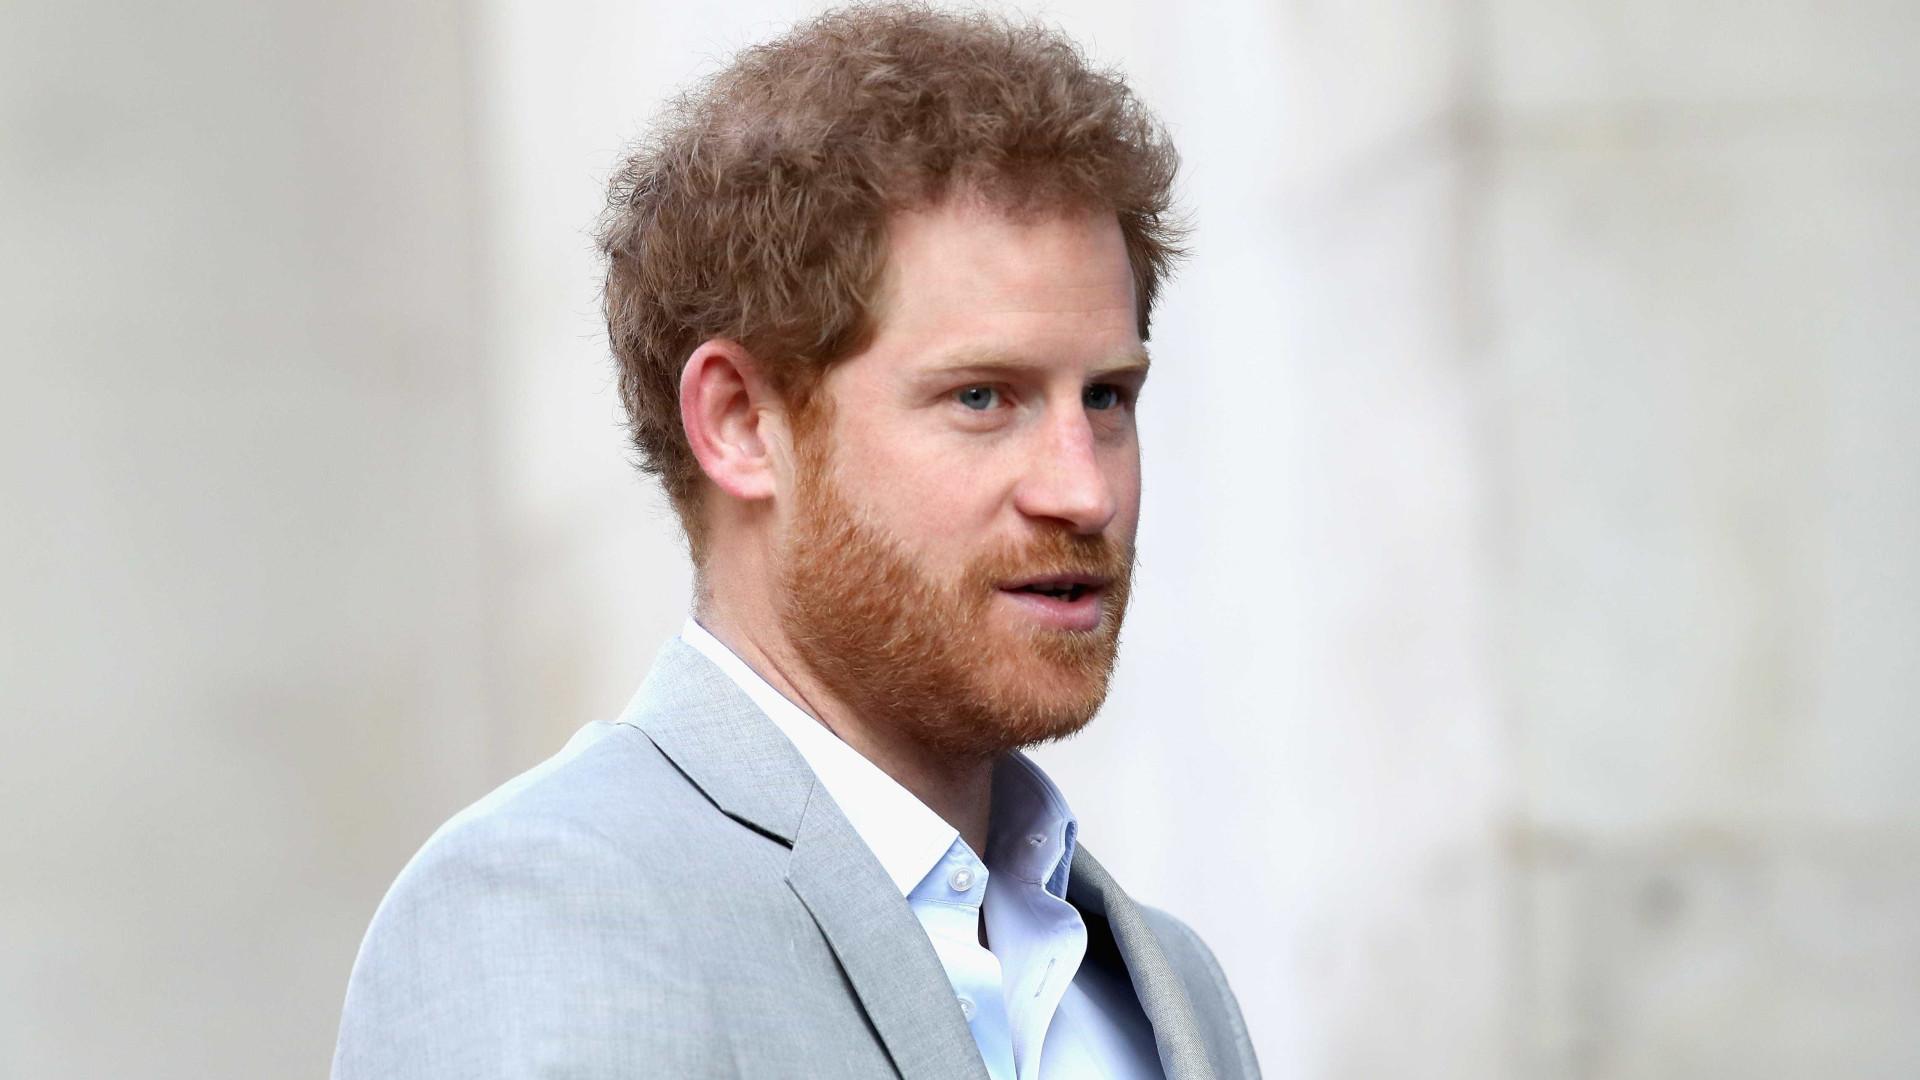 Noivado abalado? Mulher envia carta à realeza e diz ter filho de Harry